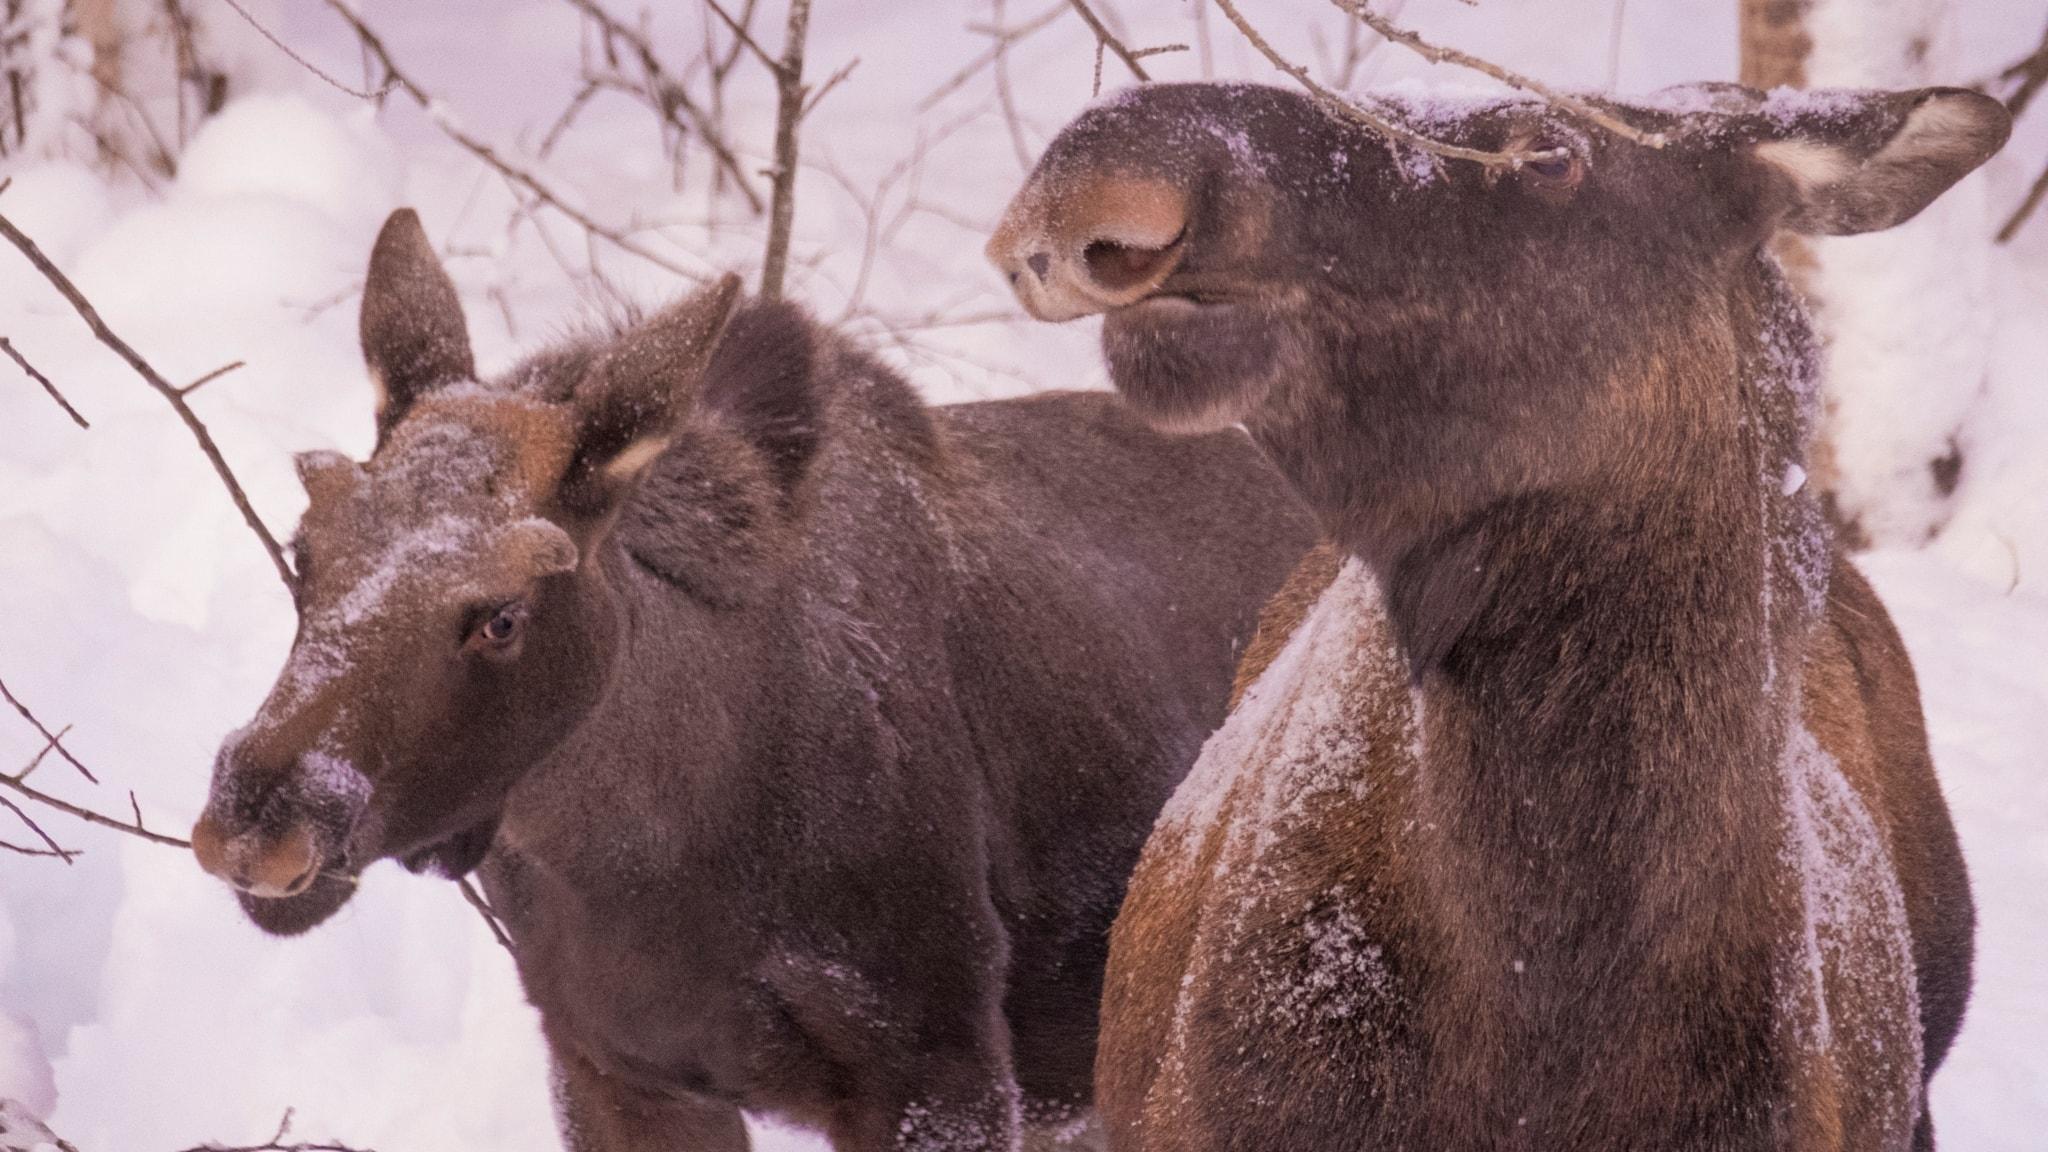 Älgträngsel i nationalparken och spårtur på snöskor